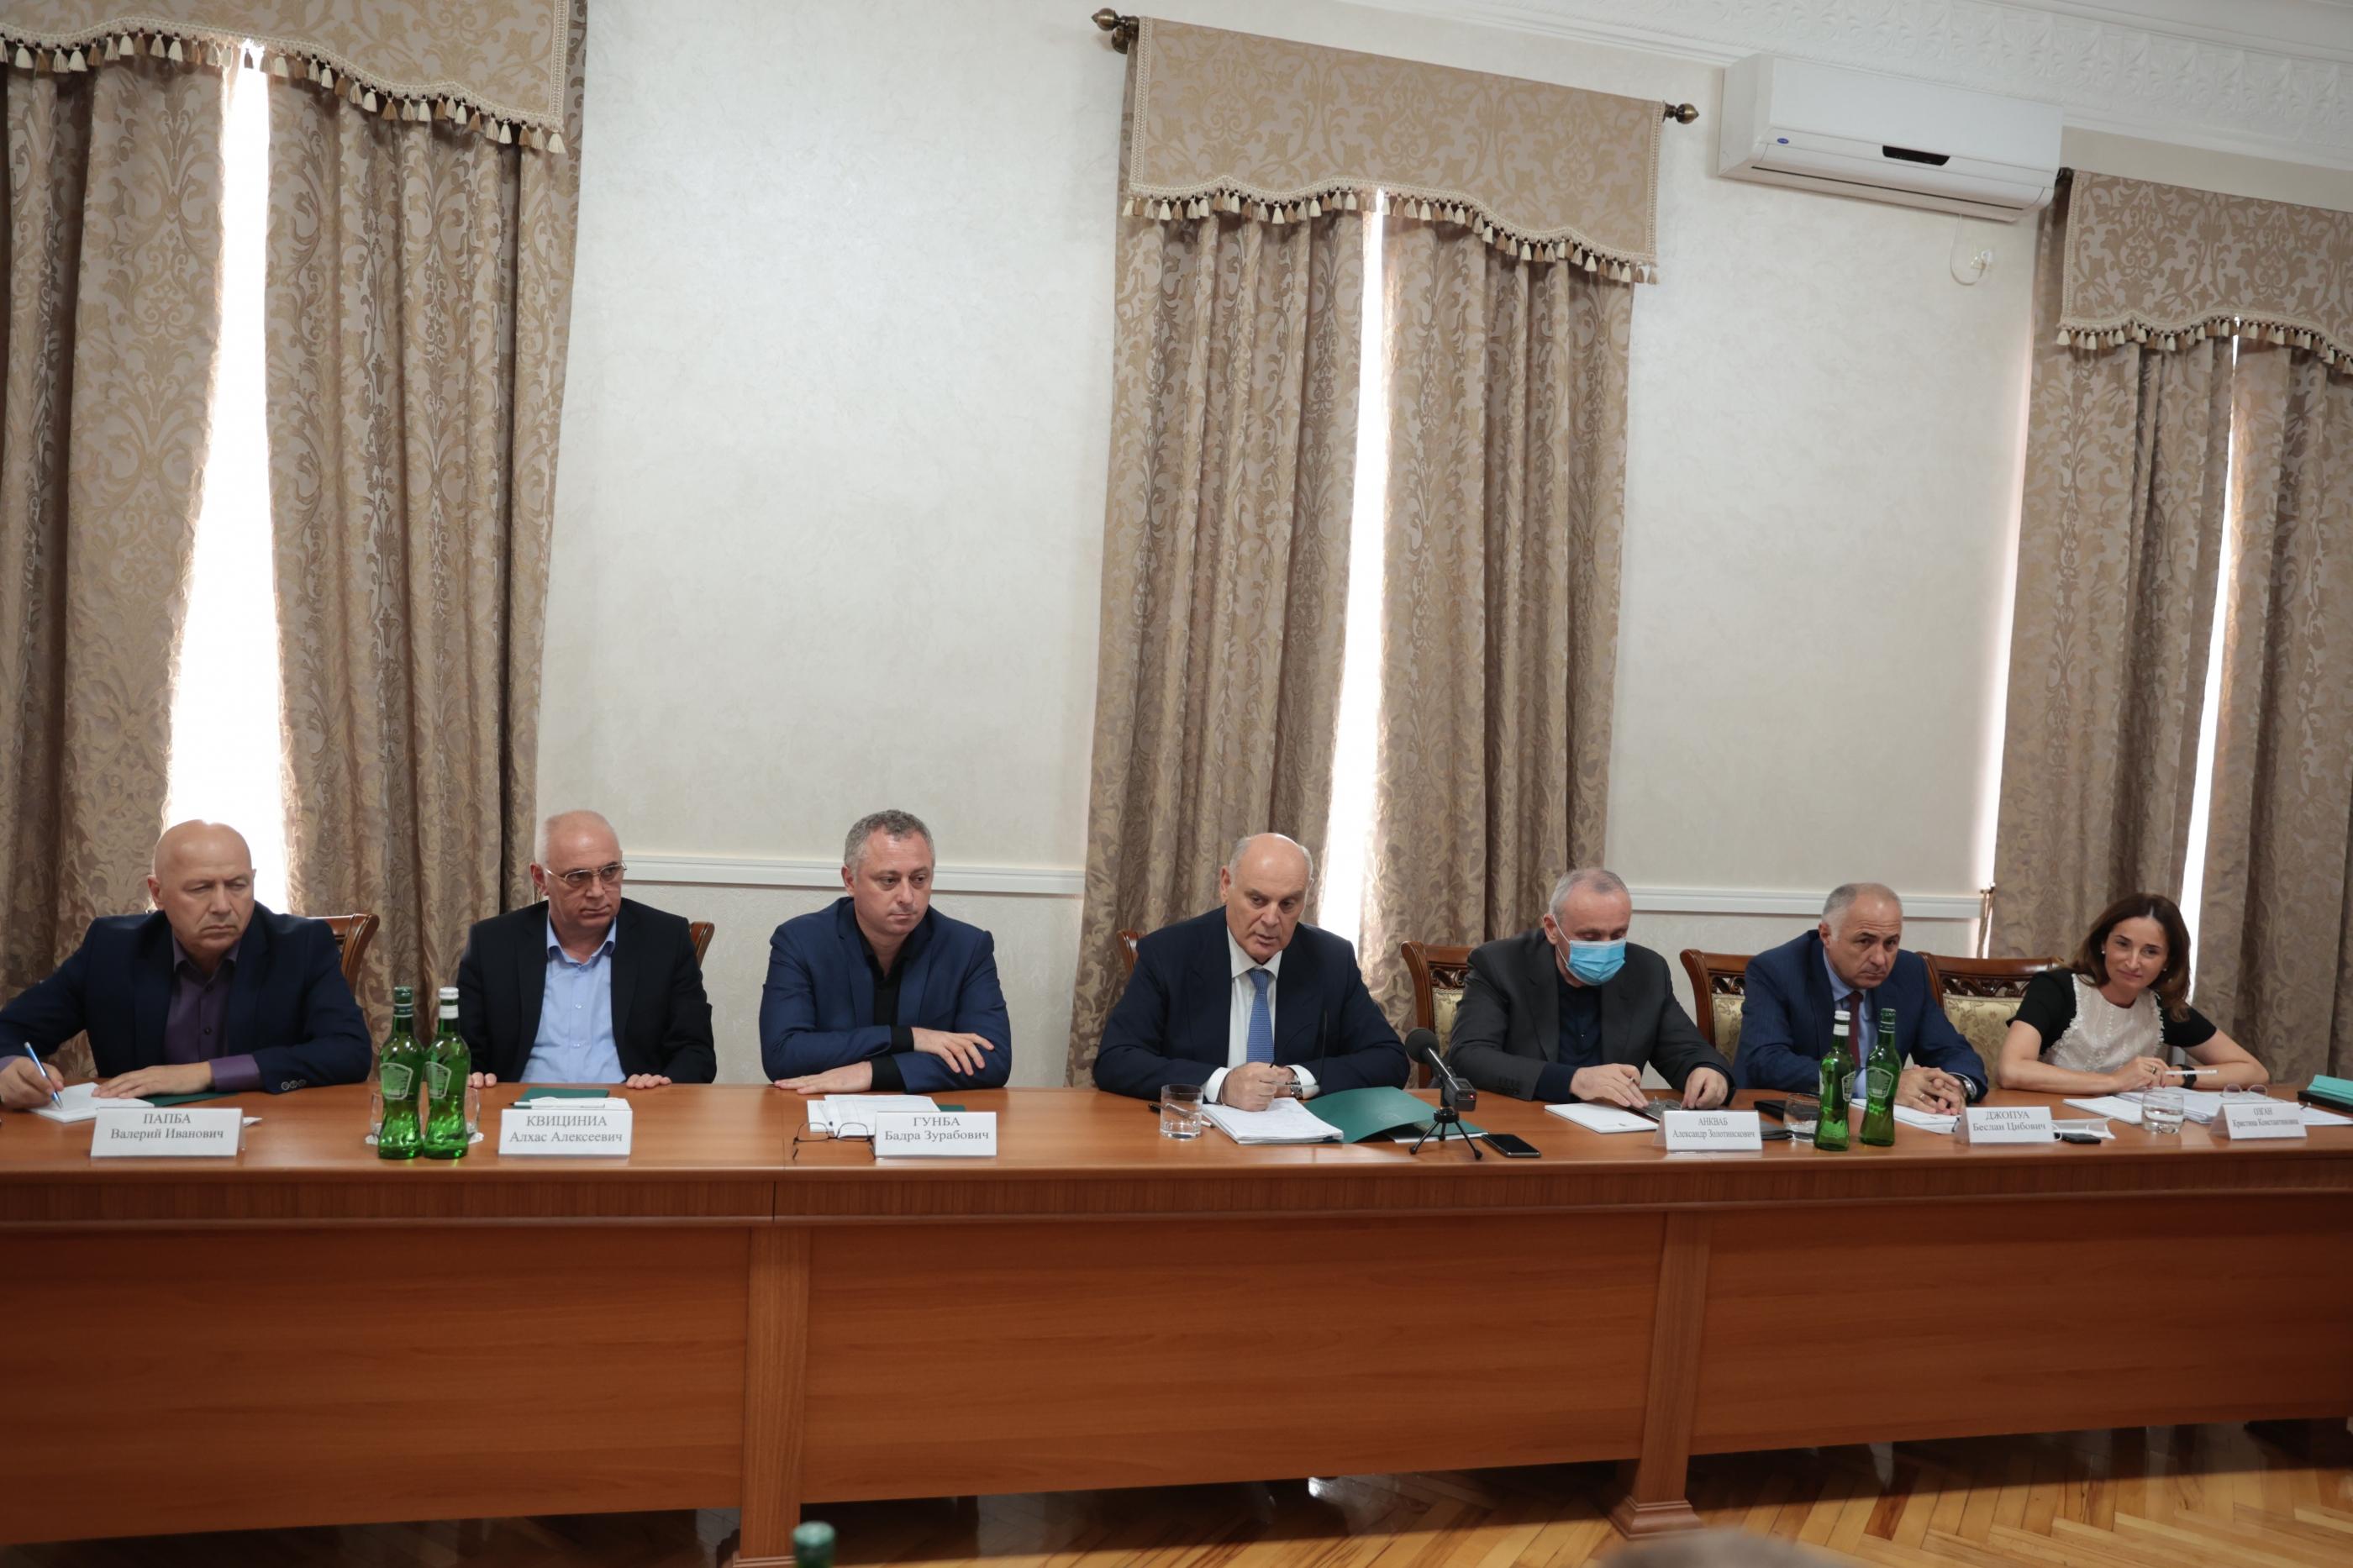 Президент Абхазии Аслан Бжания провел рабочую встречу с делегацией Минэкономразвития РФ во главе с Дмитрием Вольвачем